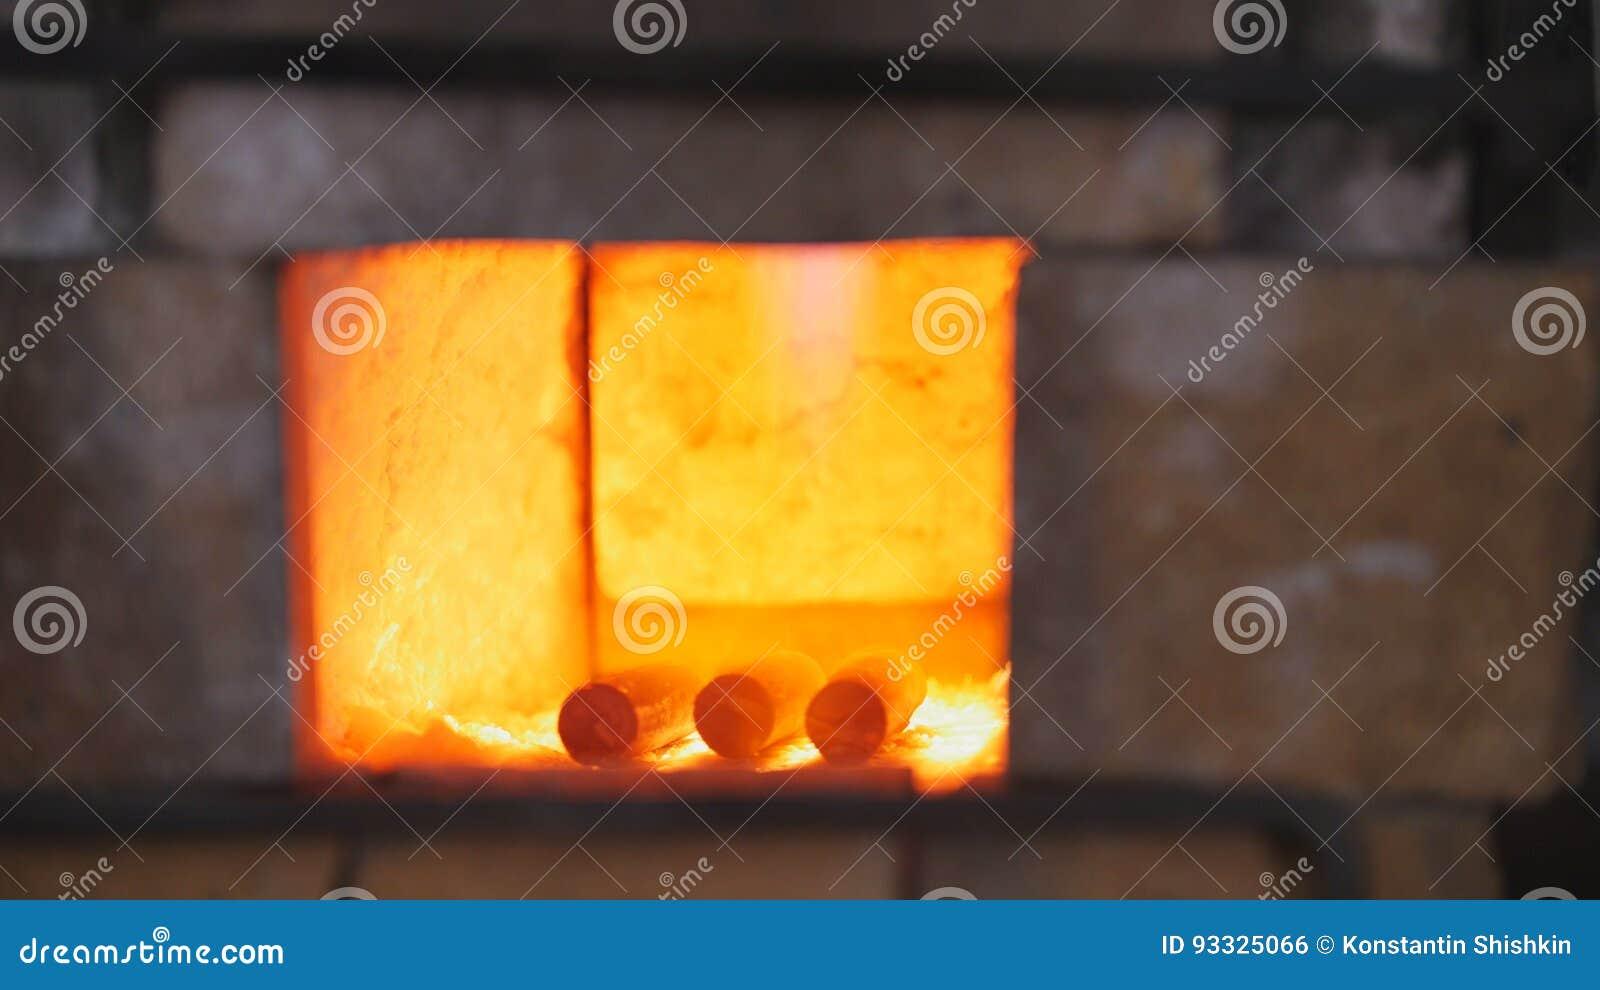 伪造加热的金属的火在伪造烤箱